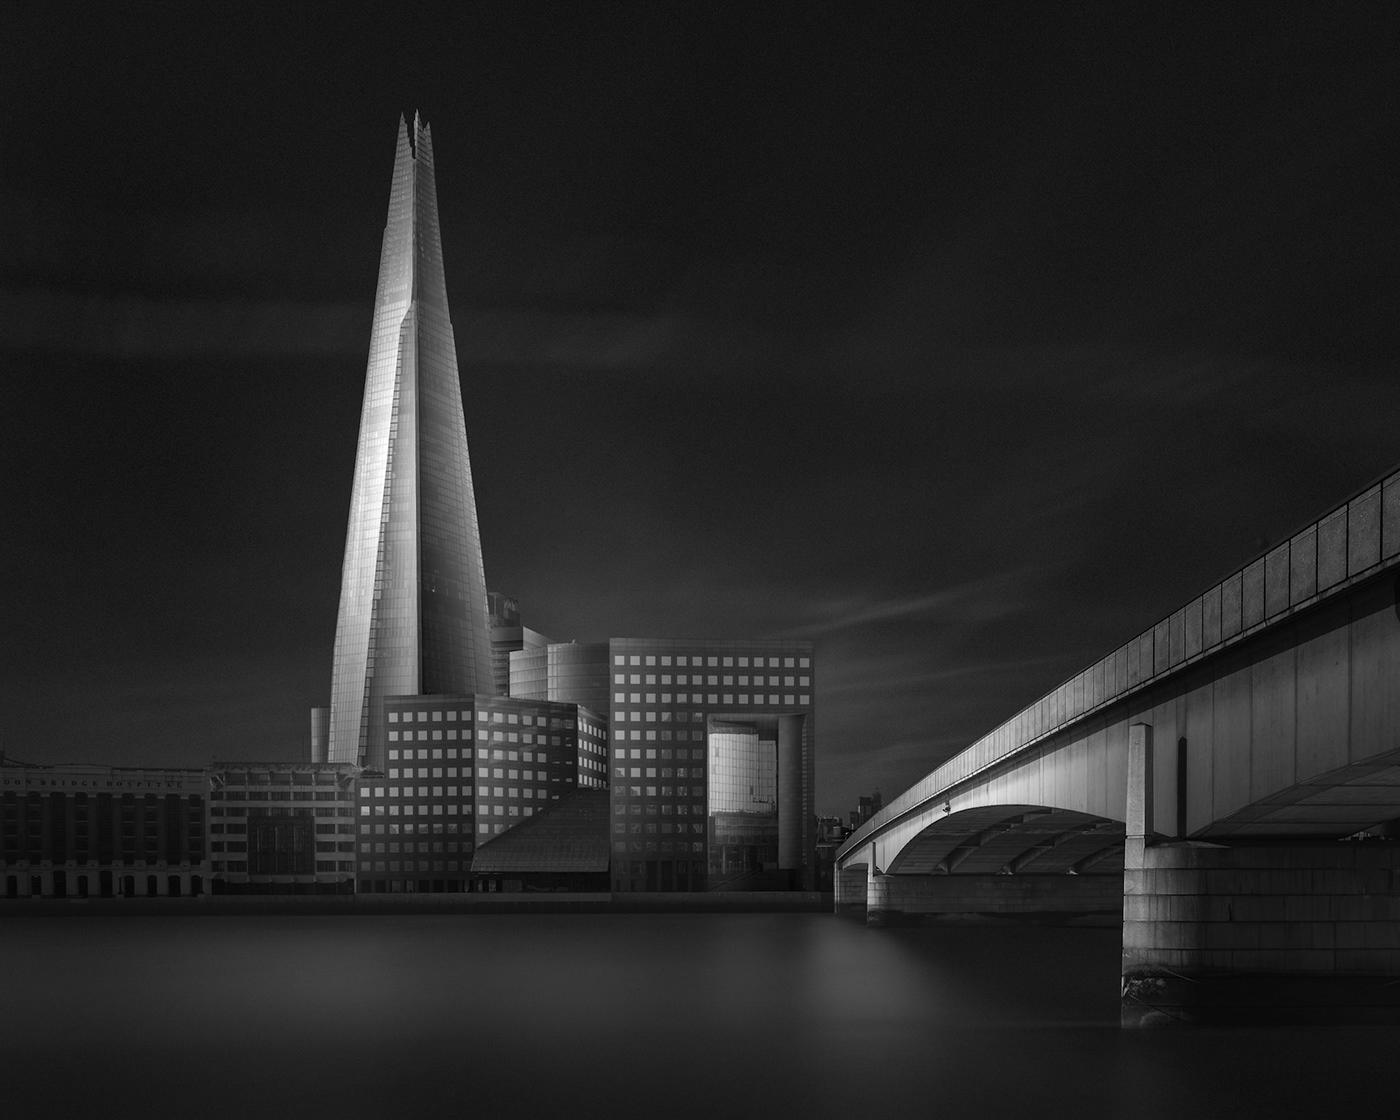 architecture black and white monochrome fine art water